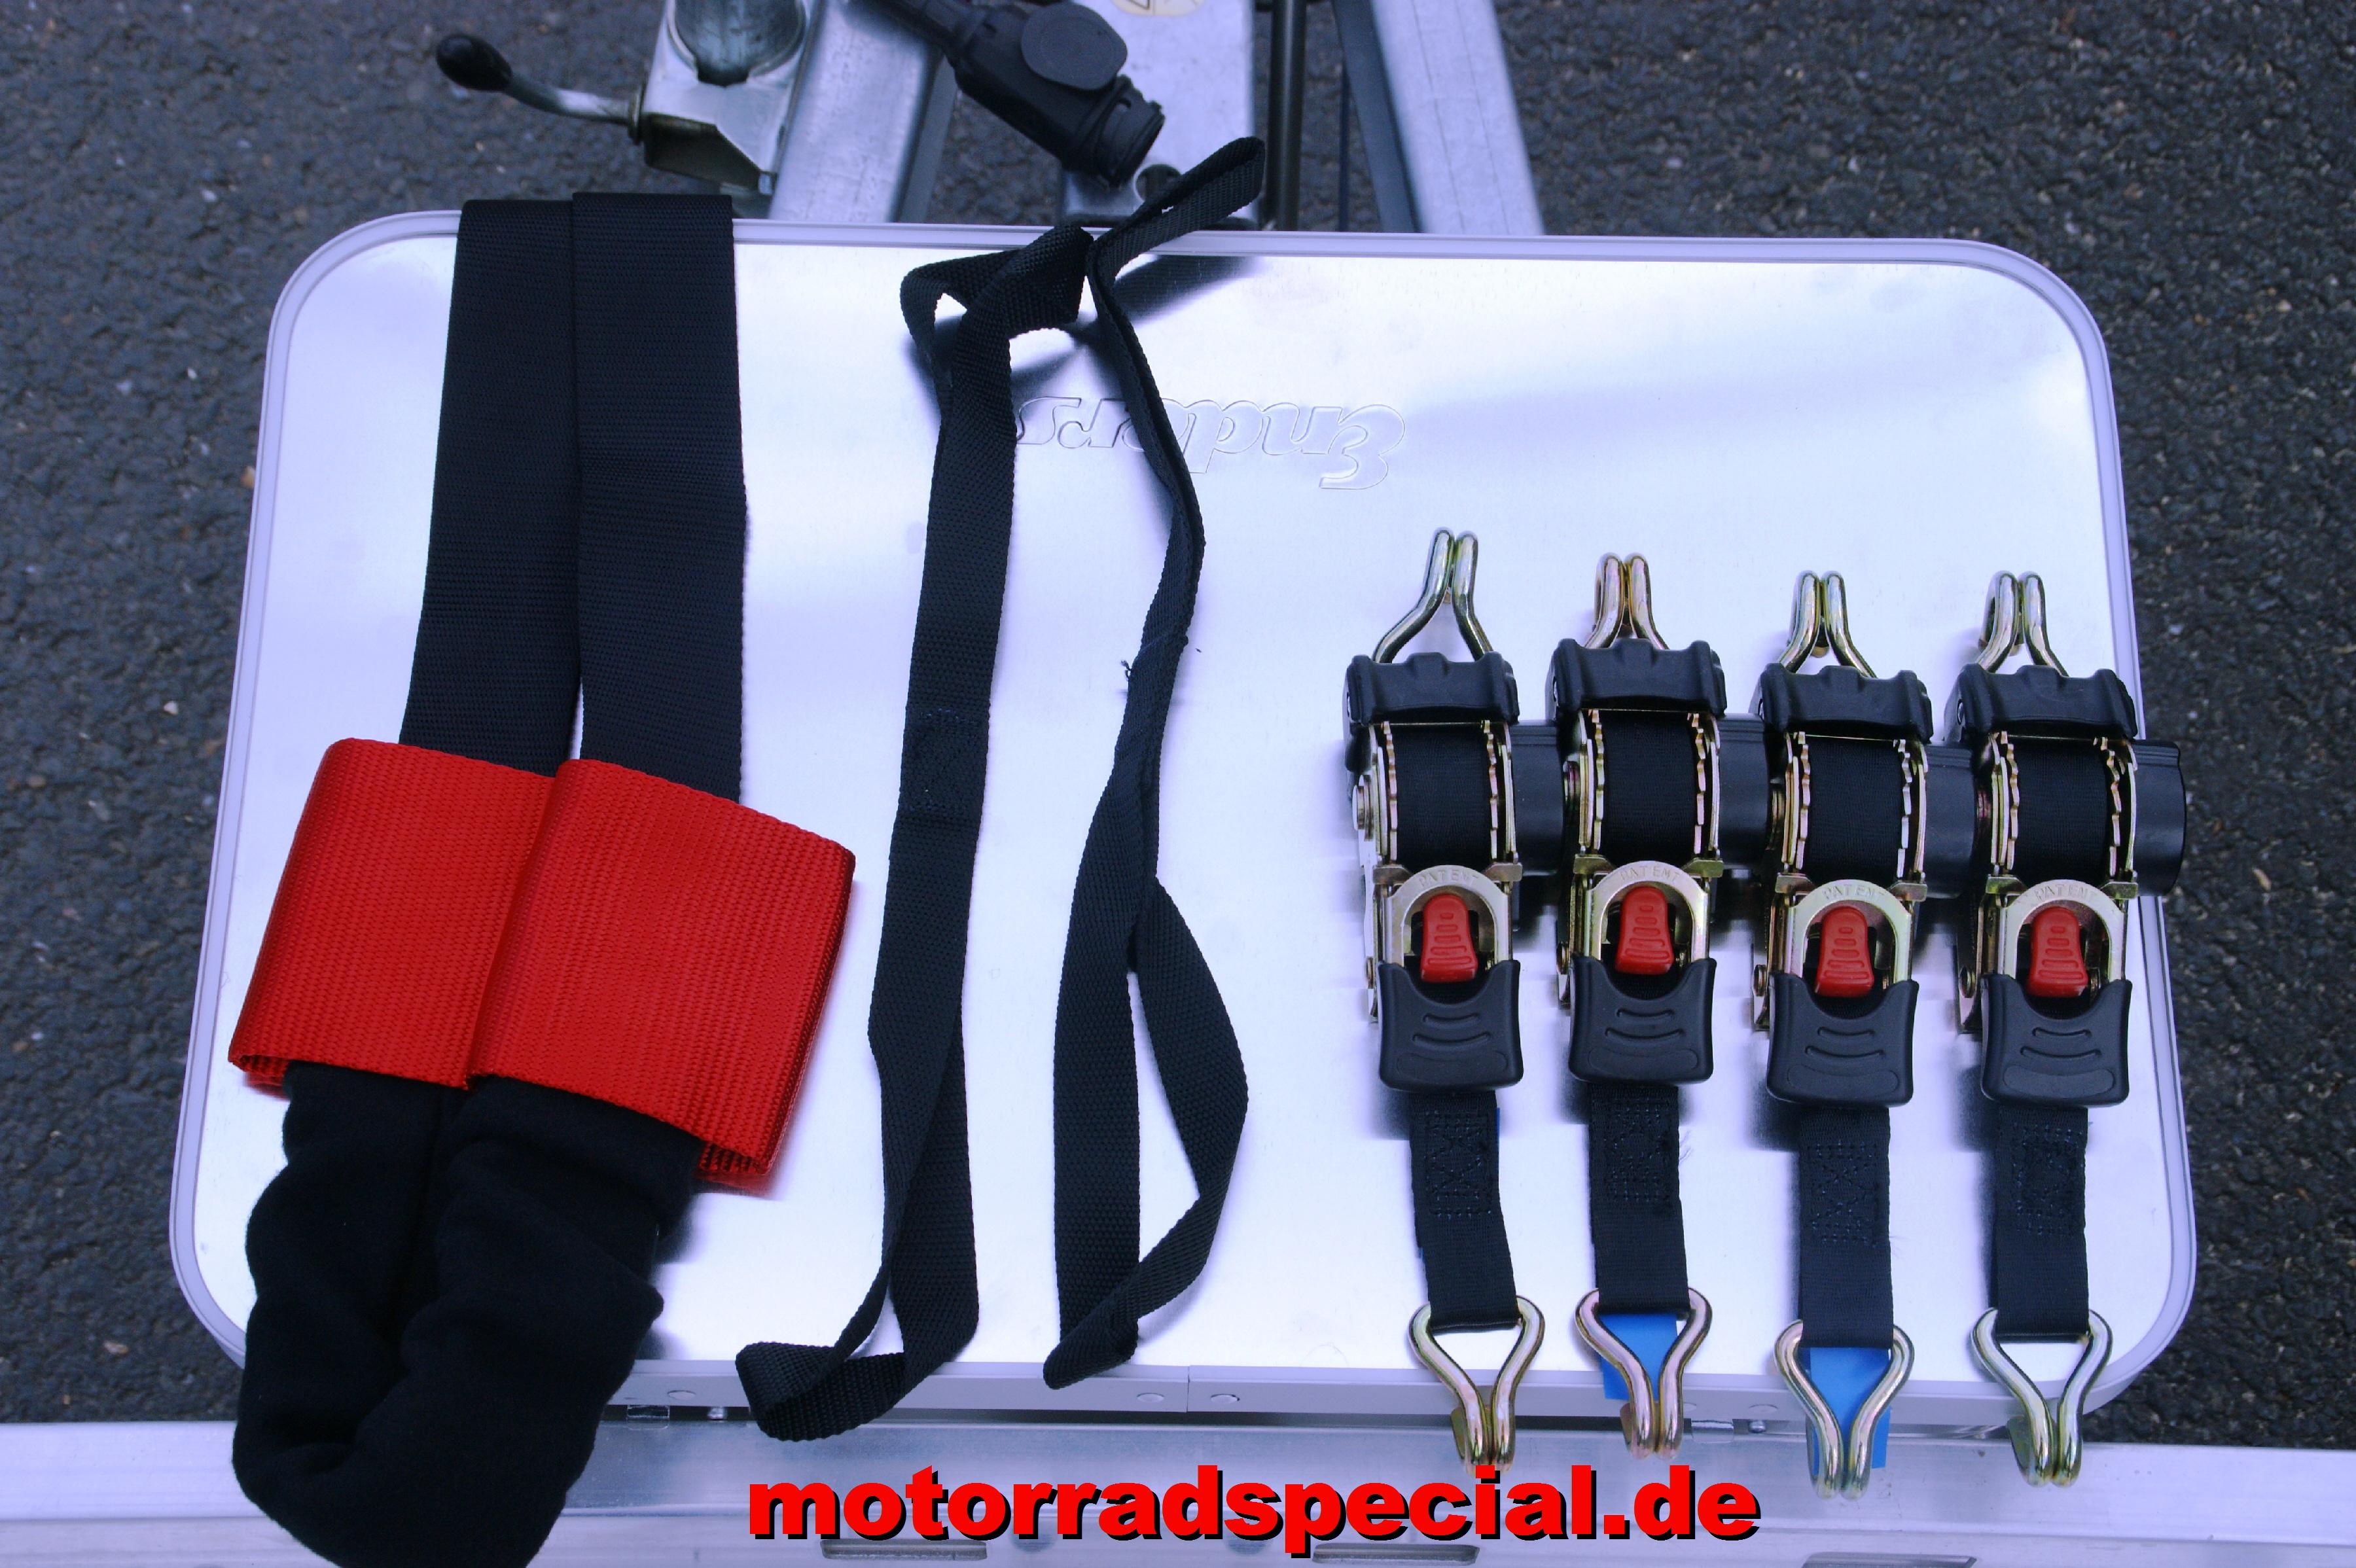 Motorrad Special-Leihänger-mittel-6